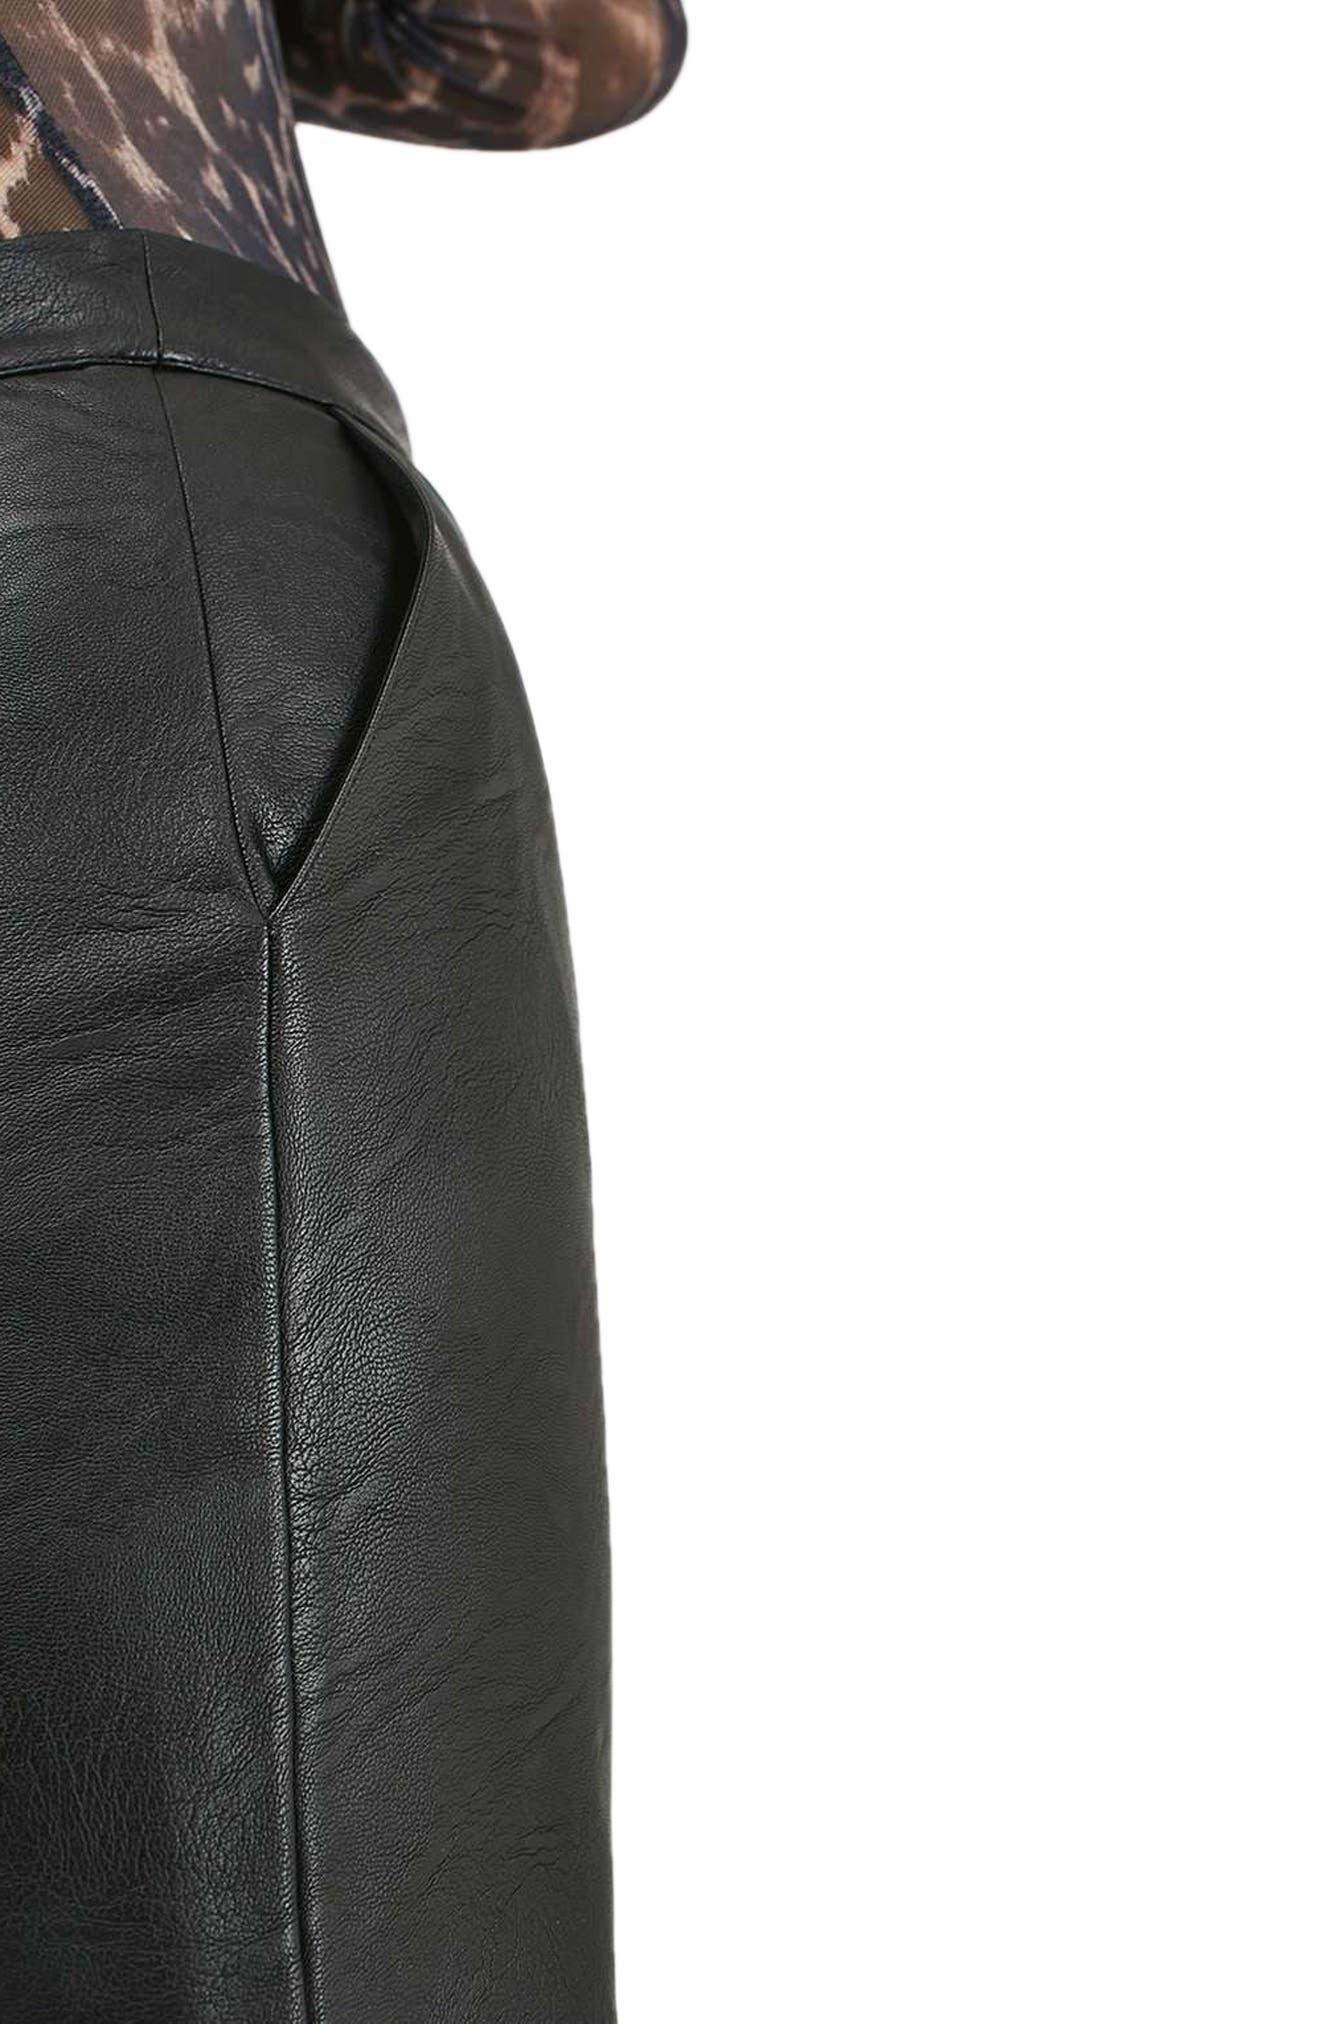 TOPSHOP, Faux Leather Pencil Skirt, Alternate thumbnail 3, color, 001